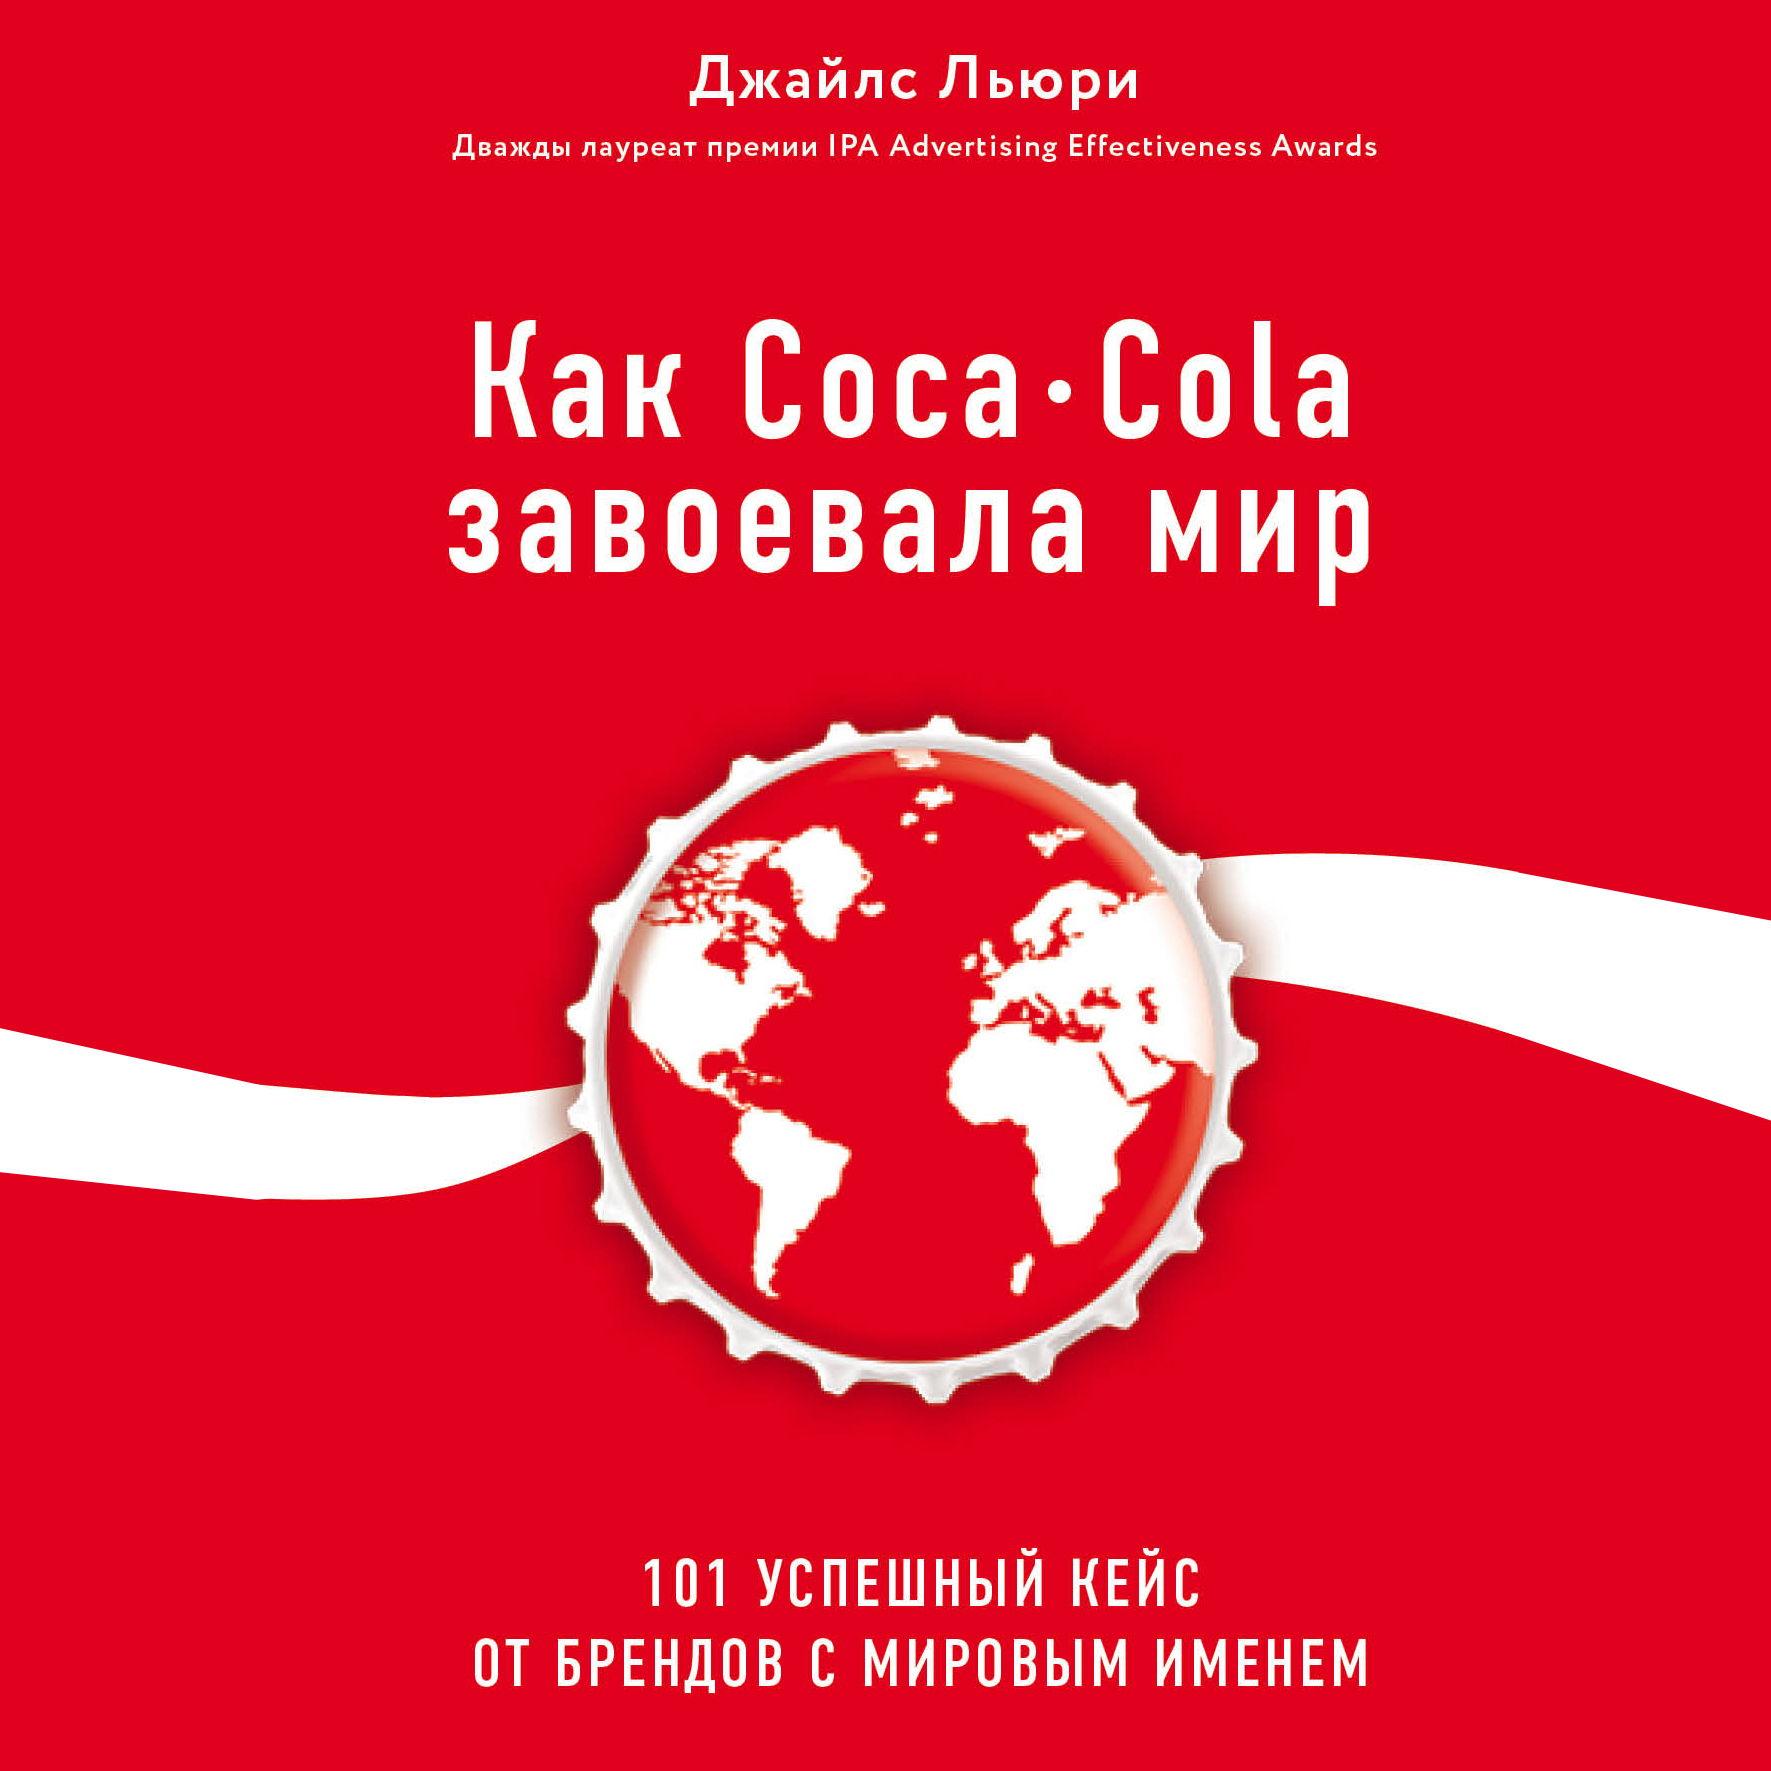 Джайлс Льюри Как Coca-Cola завоевала мир. 101 успешный кейс от брендов с мировым именем все цены